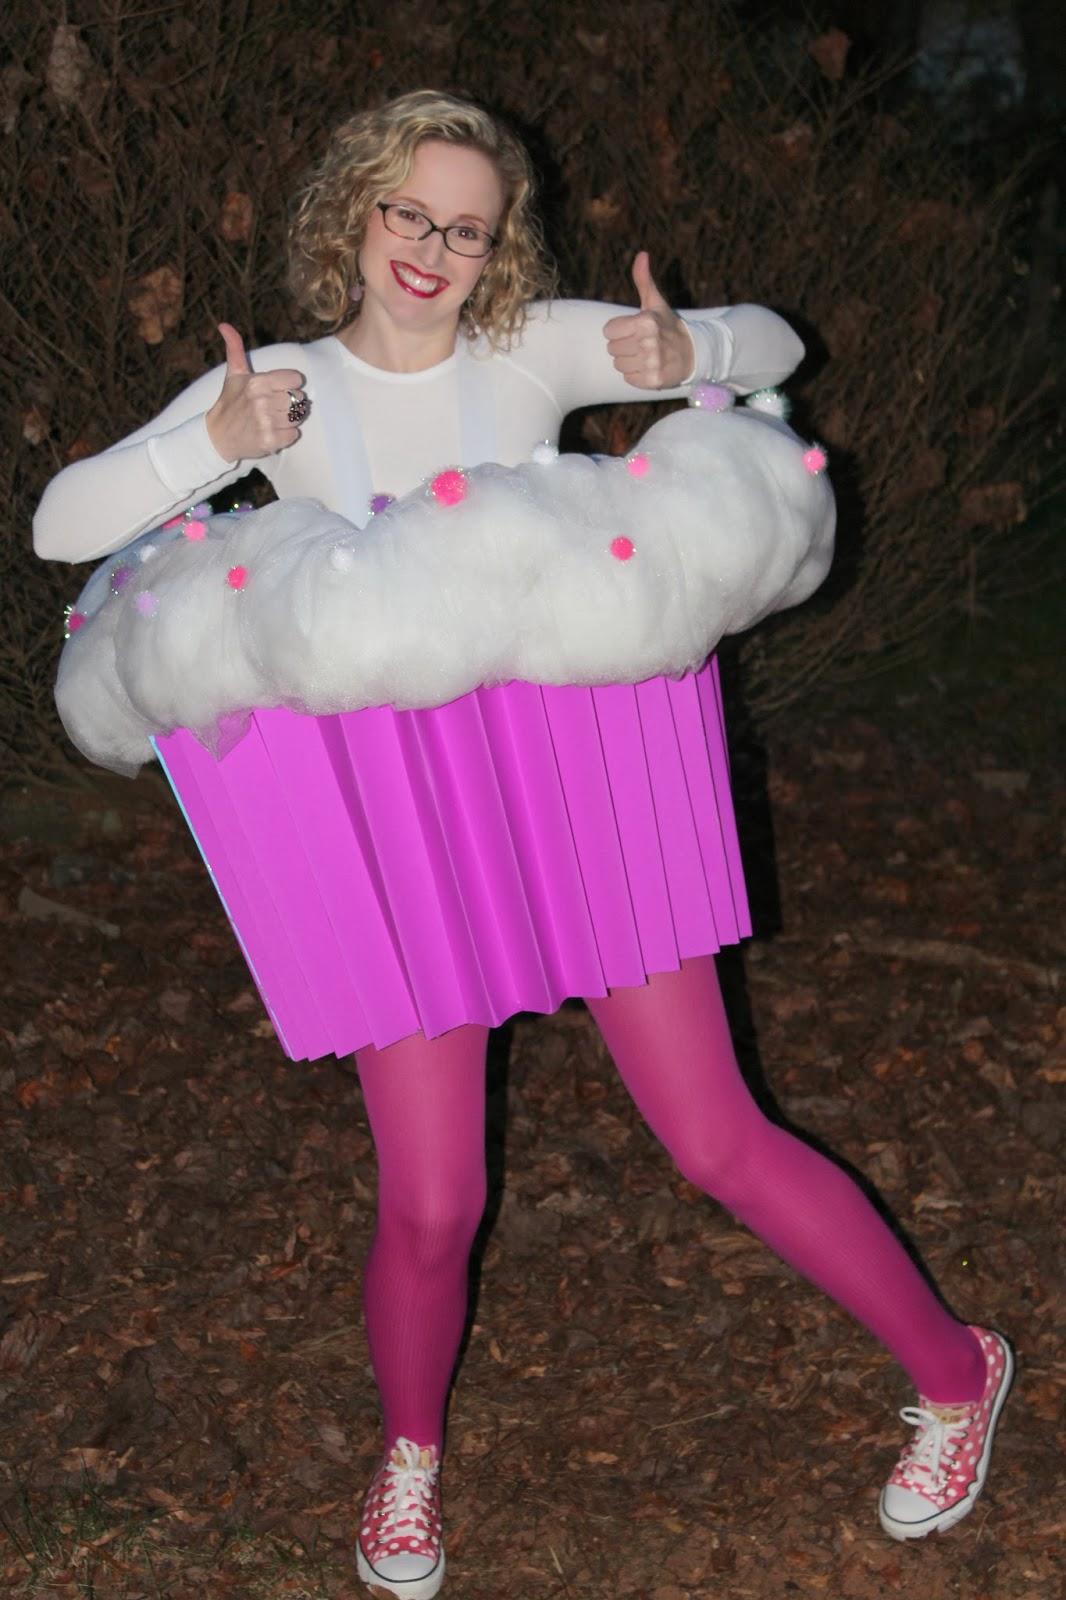 sc 1 st  Harris Sisters GirlTalk & The Harris Sisters: DIY Cupcake Halloween Costume